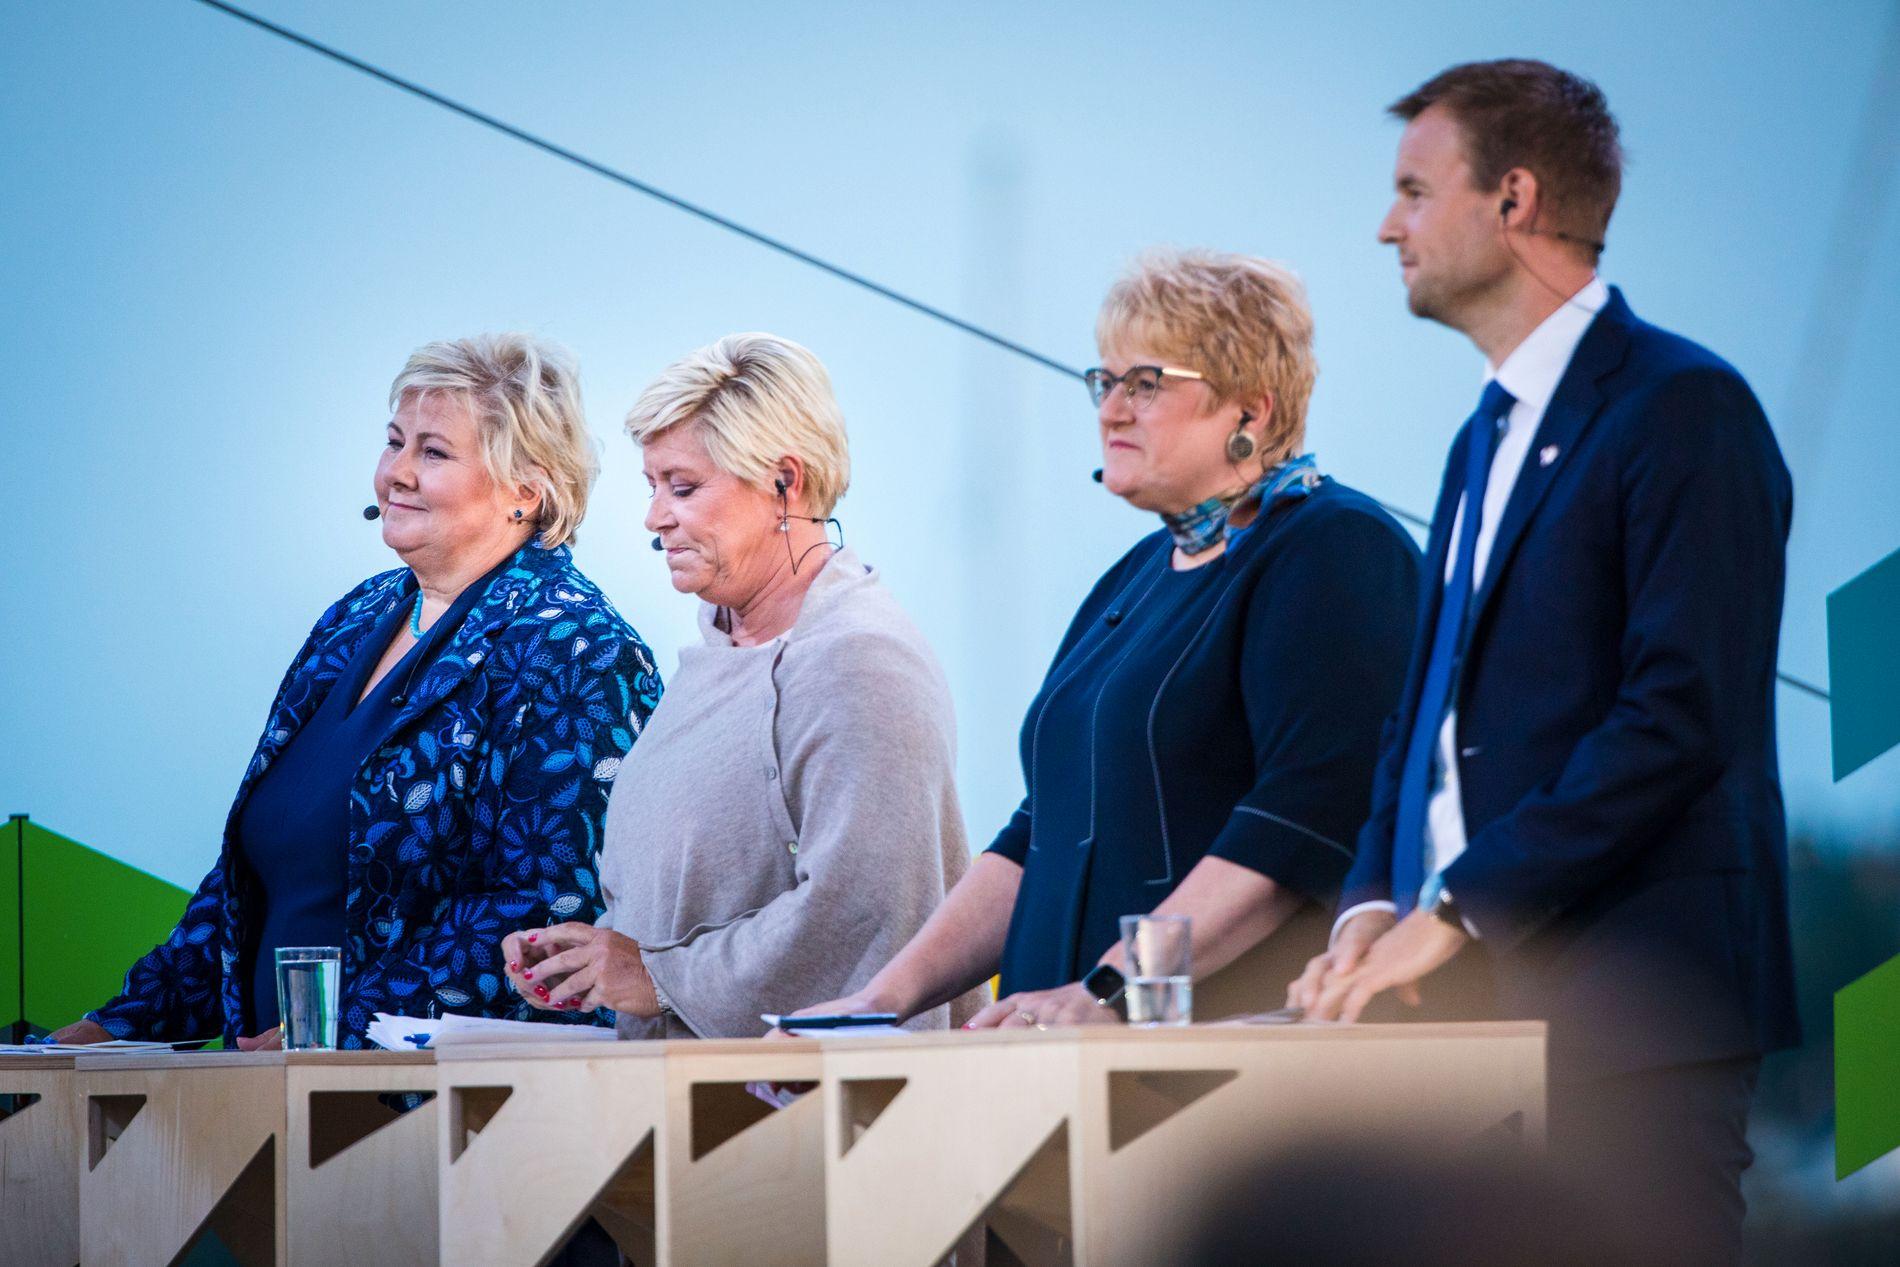 IKKE FERDIGE: Partilederne i regjeringen forhandler fortsatt, men skal nærmer seg en løsning. Fra venstre Erna Solberg, Siv Jensen, Trine Skei Grande og Kjell Ingolf Ropstad under partilederdebatten i Arendal mandag kveld.